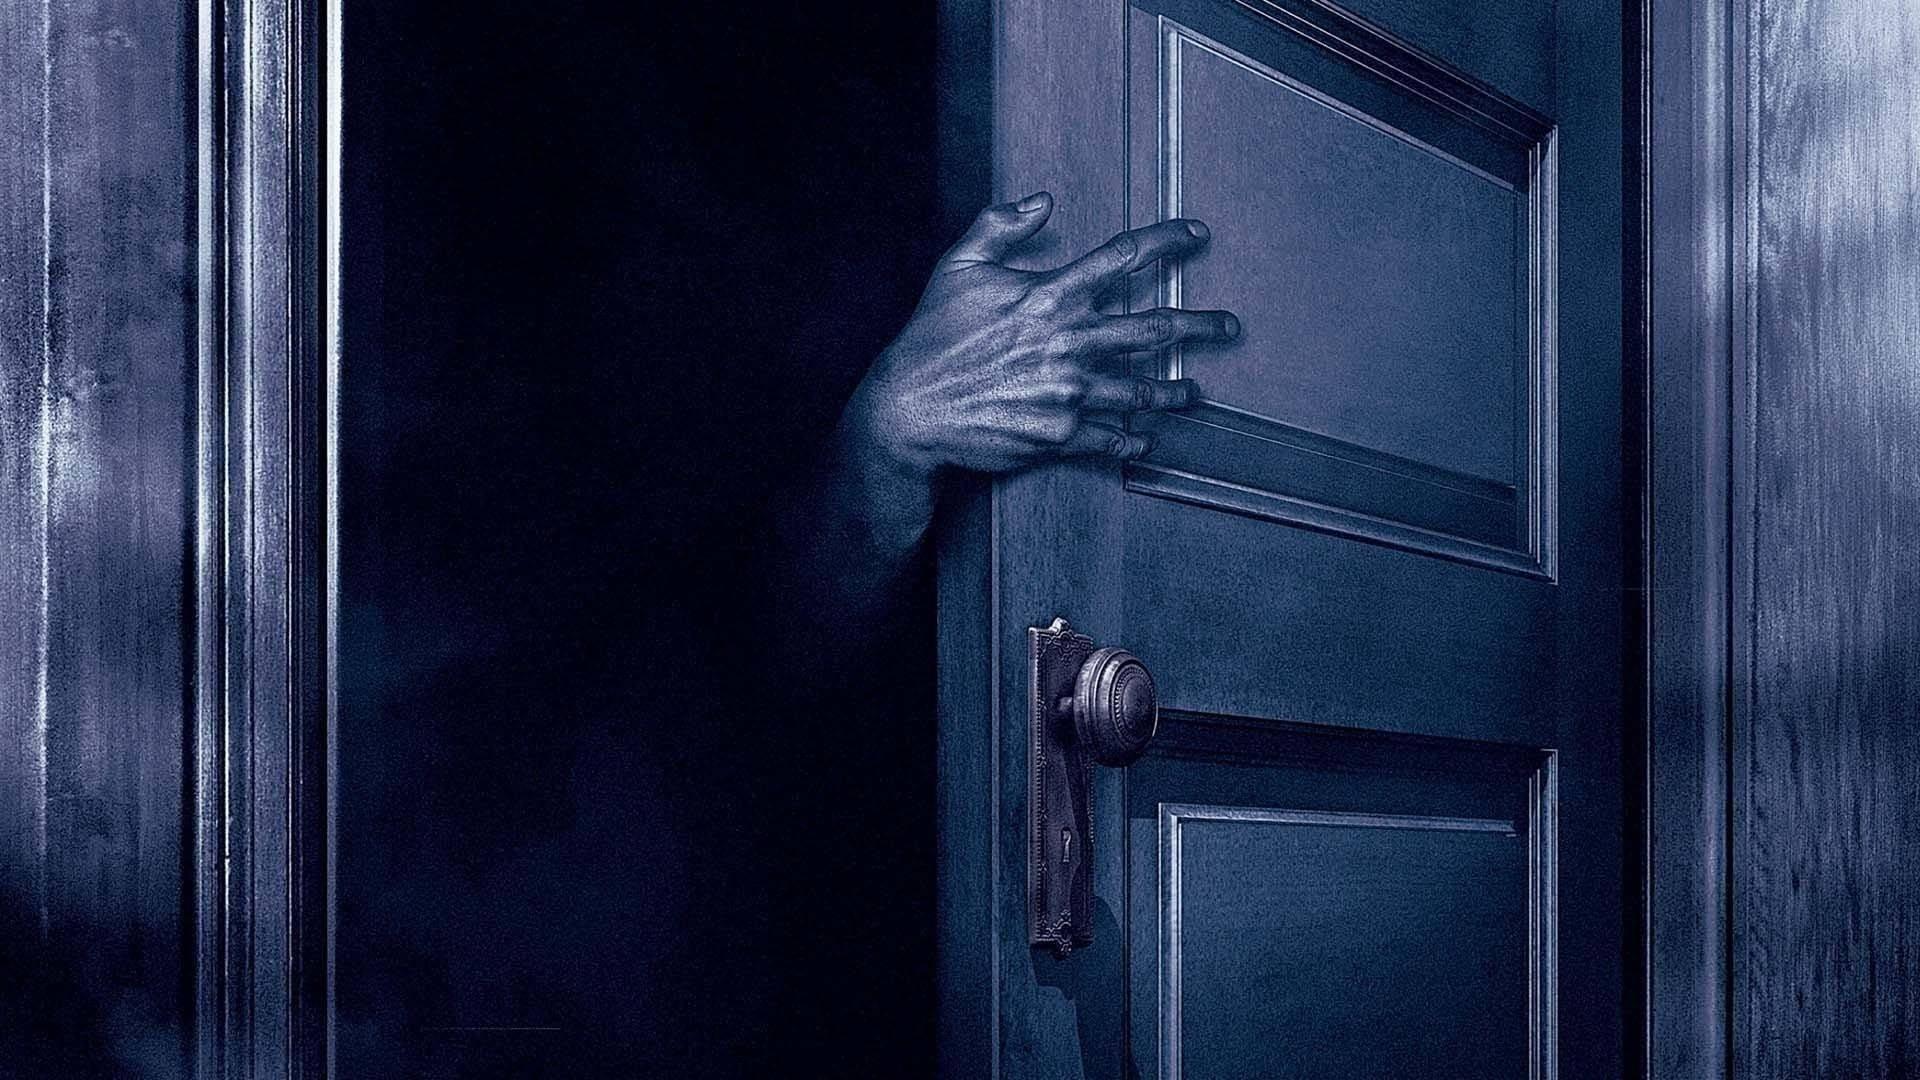 Сценаристы хоррора «Тихое место» адаптируют рассказ Кинга «И пришёл бука»